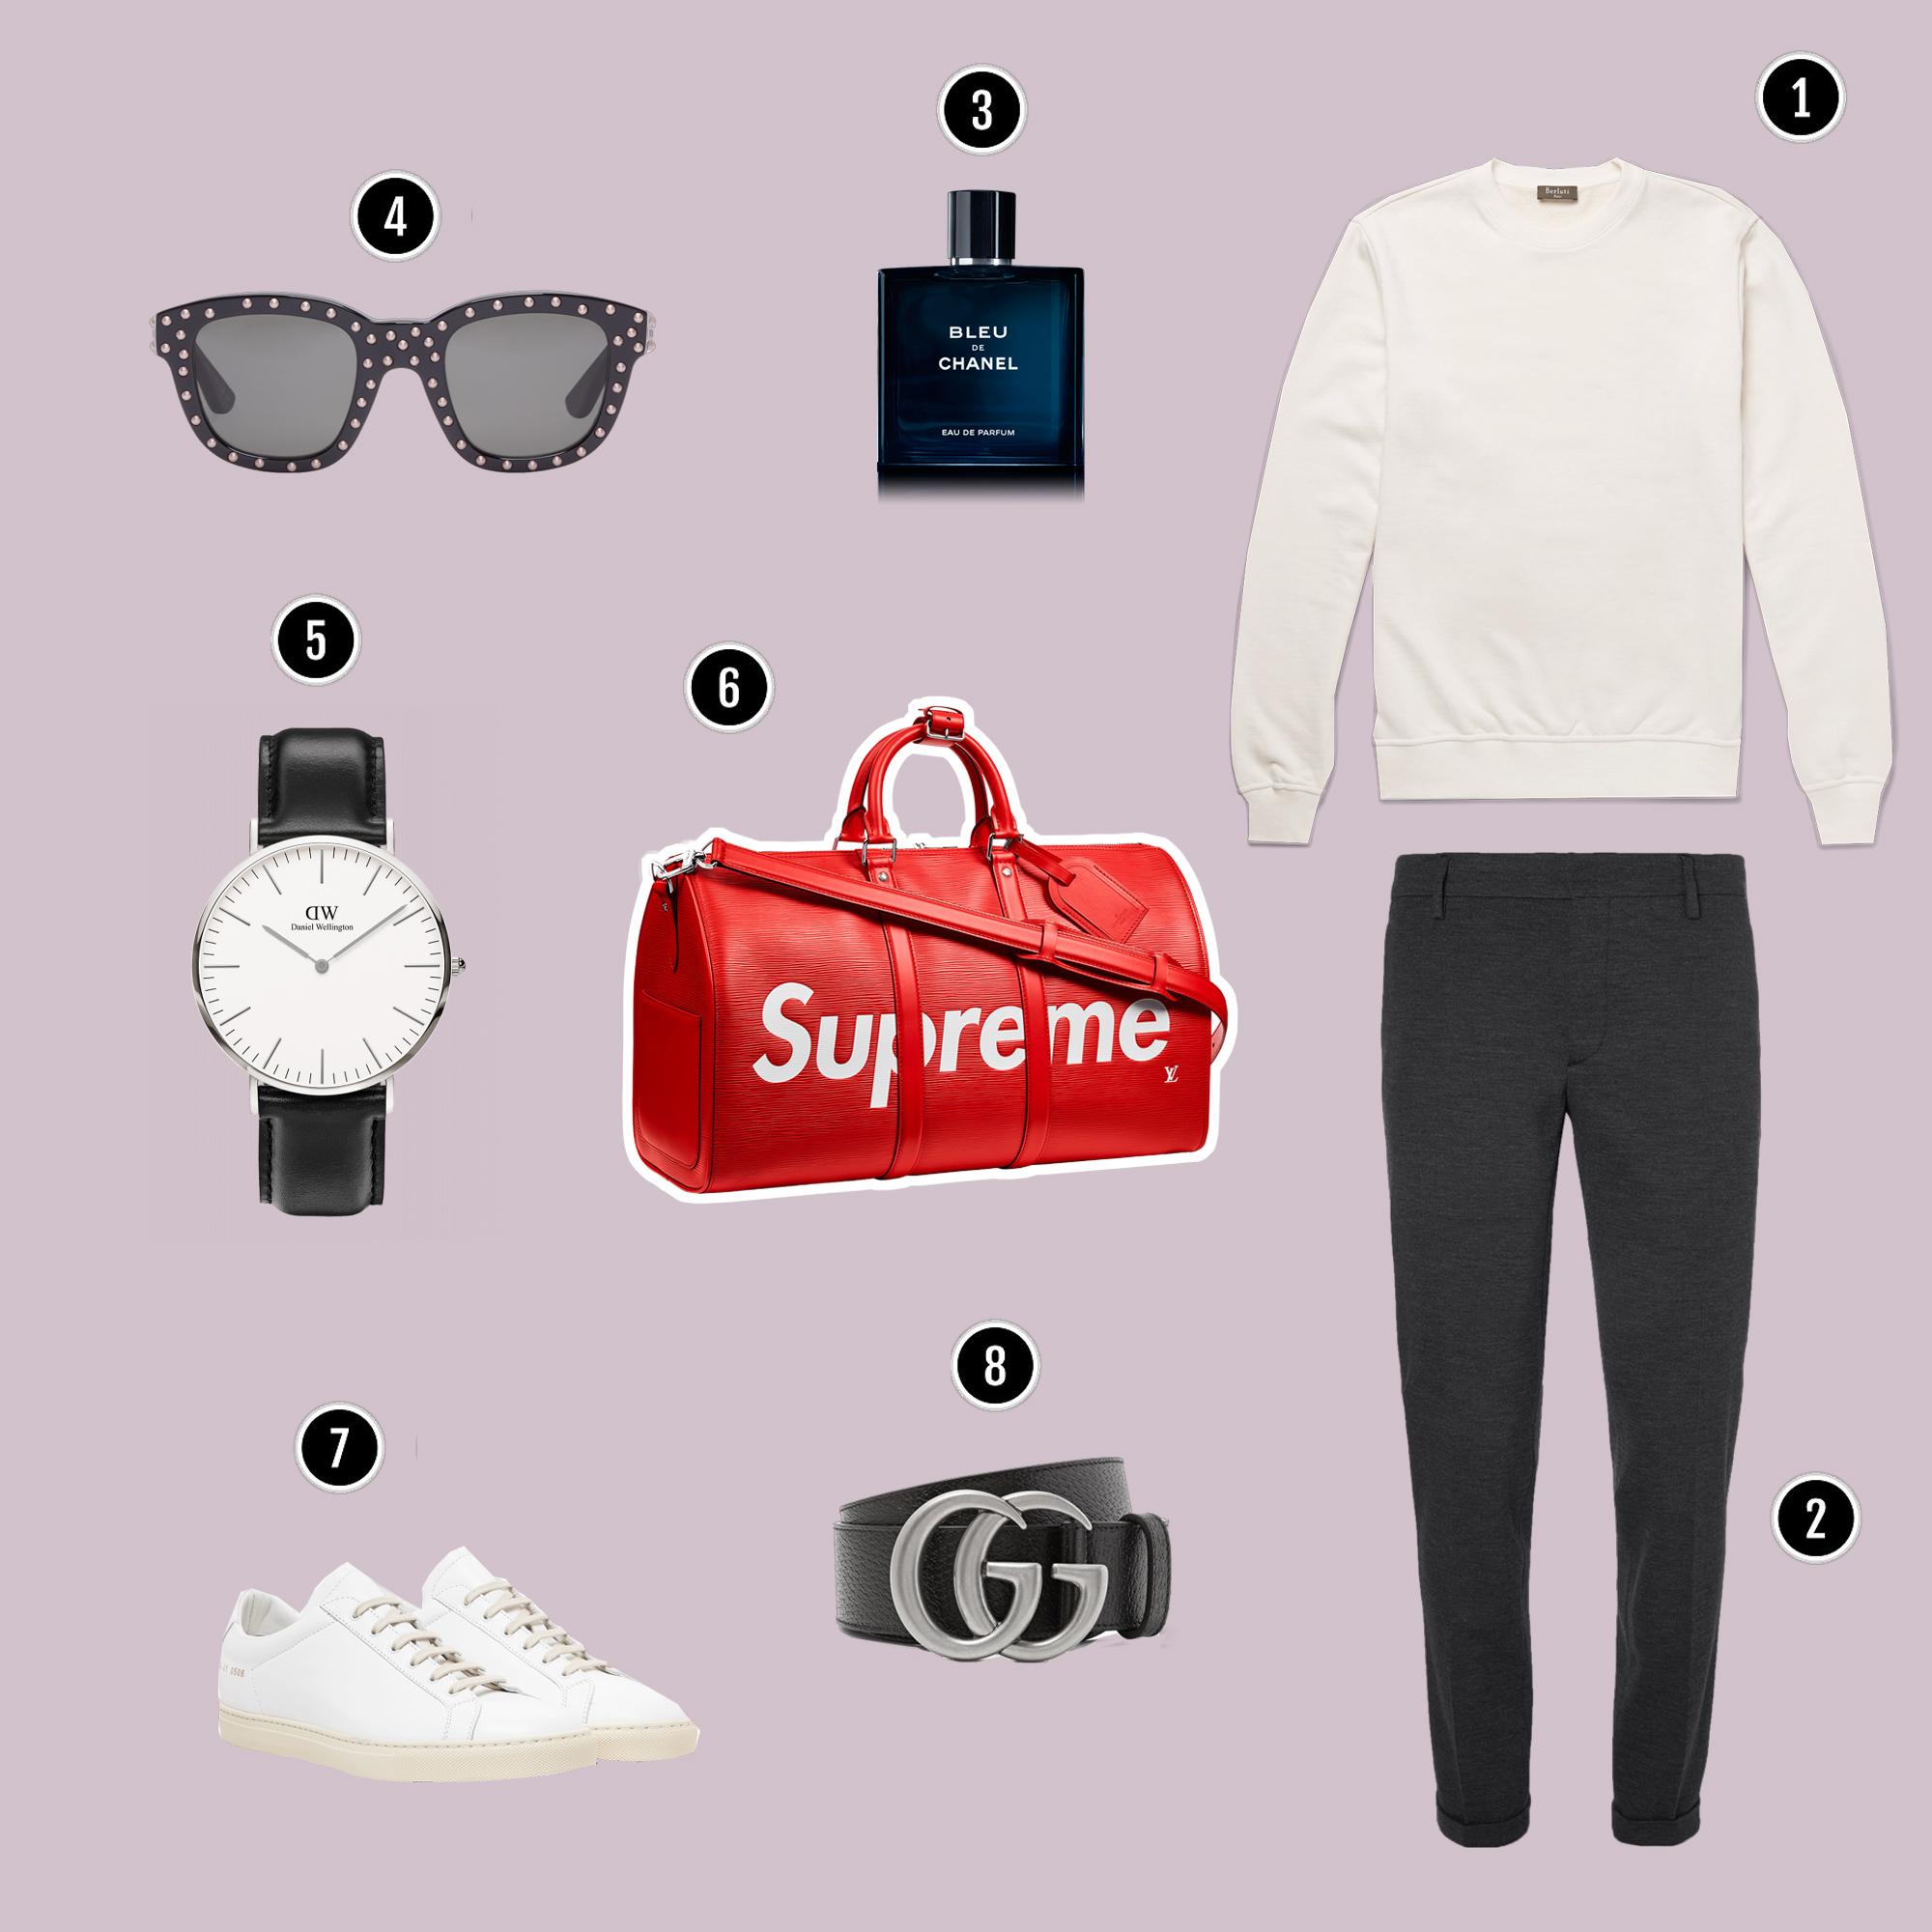 1.Áo : Berluti / 2. Quần: Prada / 3. Nước hoa : Chanel . 4. Kính : Saint Laurent / 5. Đồng hồ : DW / 6. Túi : Louis Vuitton x Supreme / 7. Giày: Common Project / 8. Nịch : Gucci